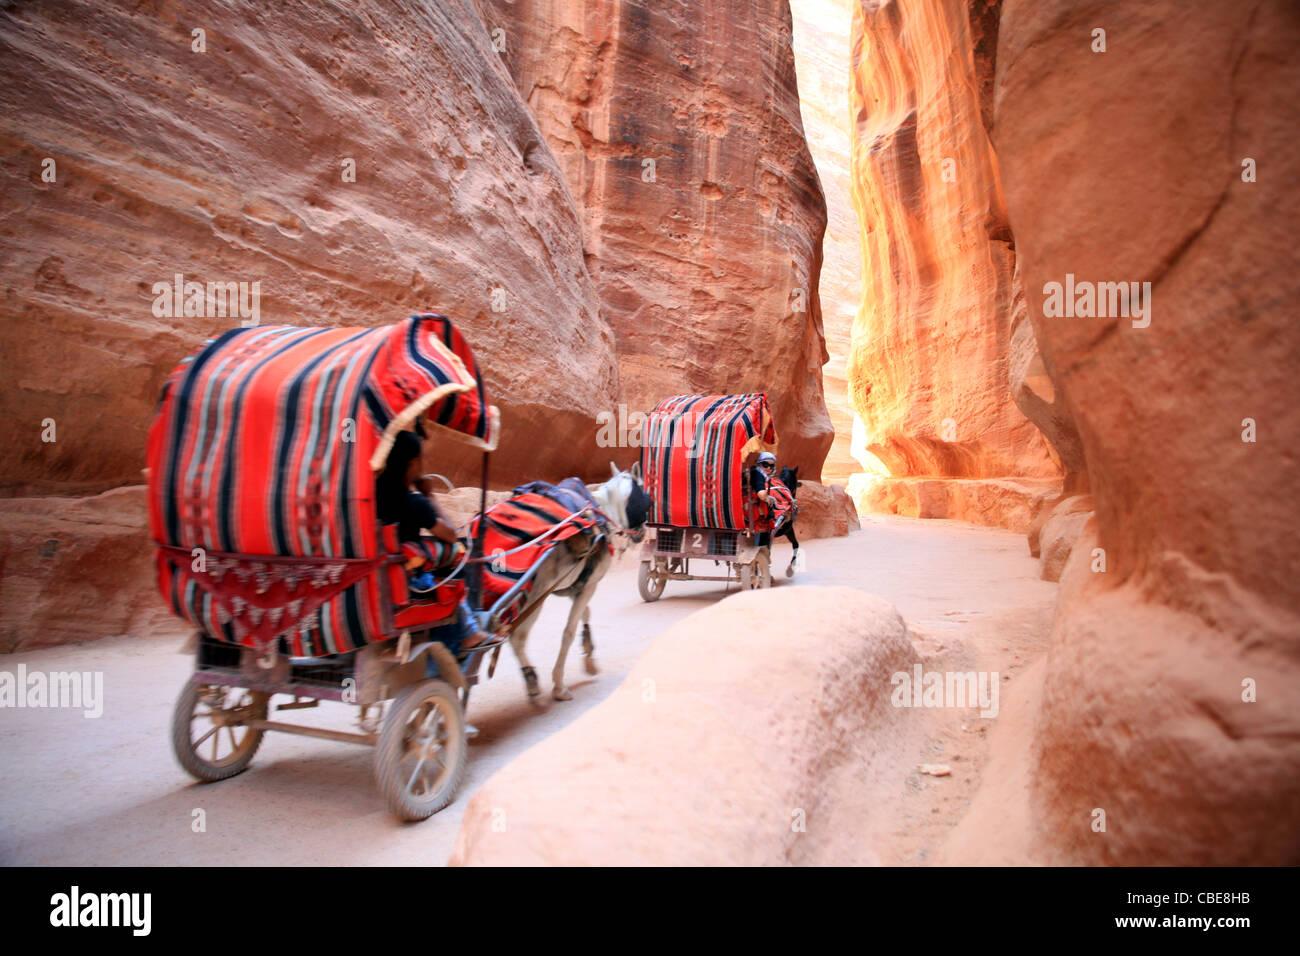 Los turistas transportados por burro karts en Petra Jordania Imagen De Stock